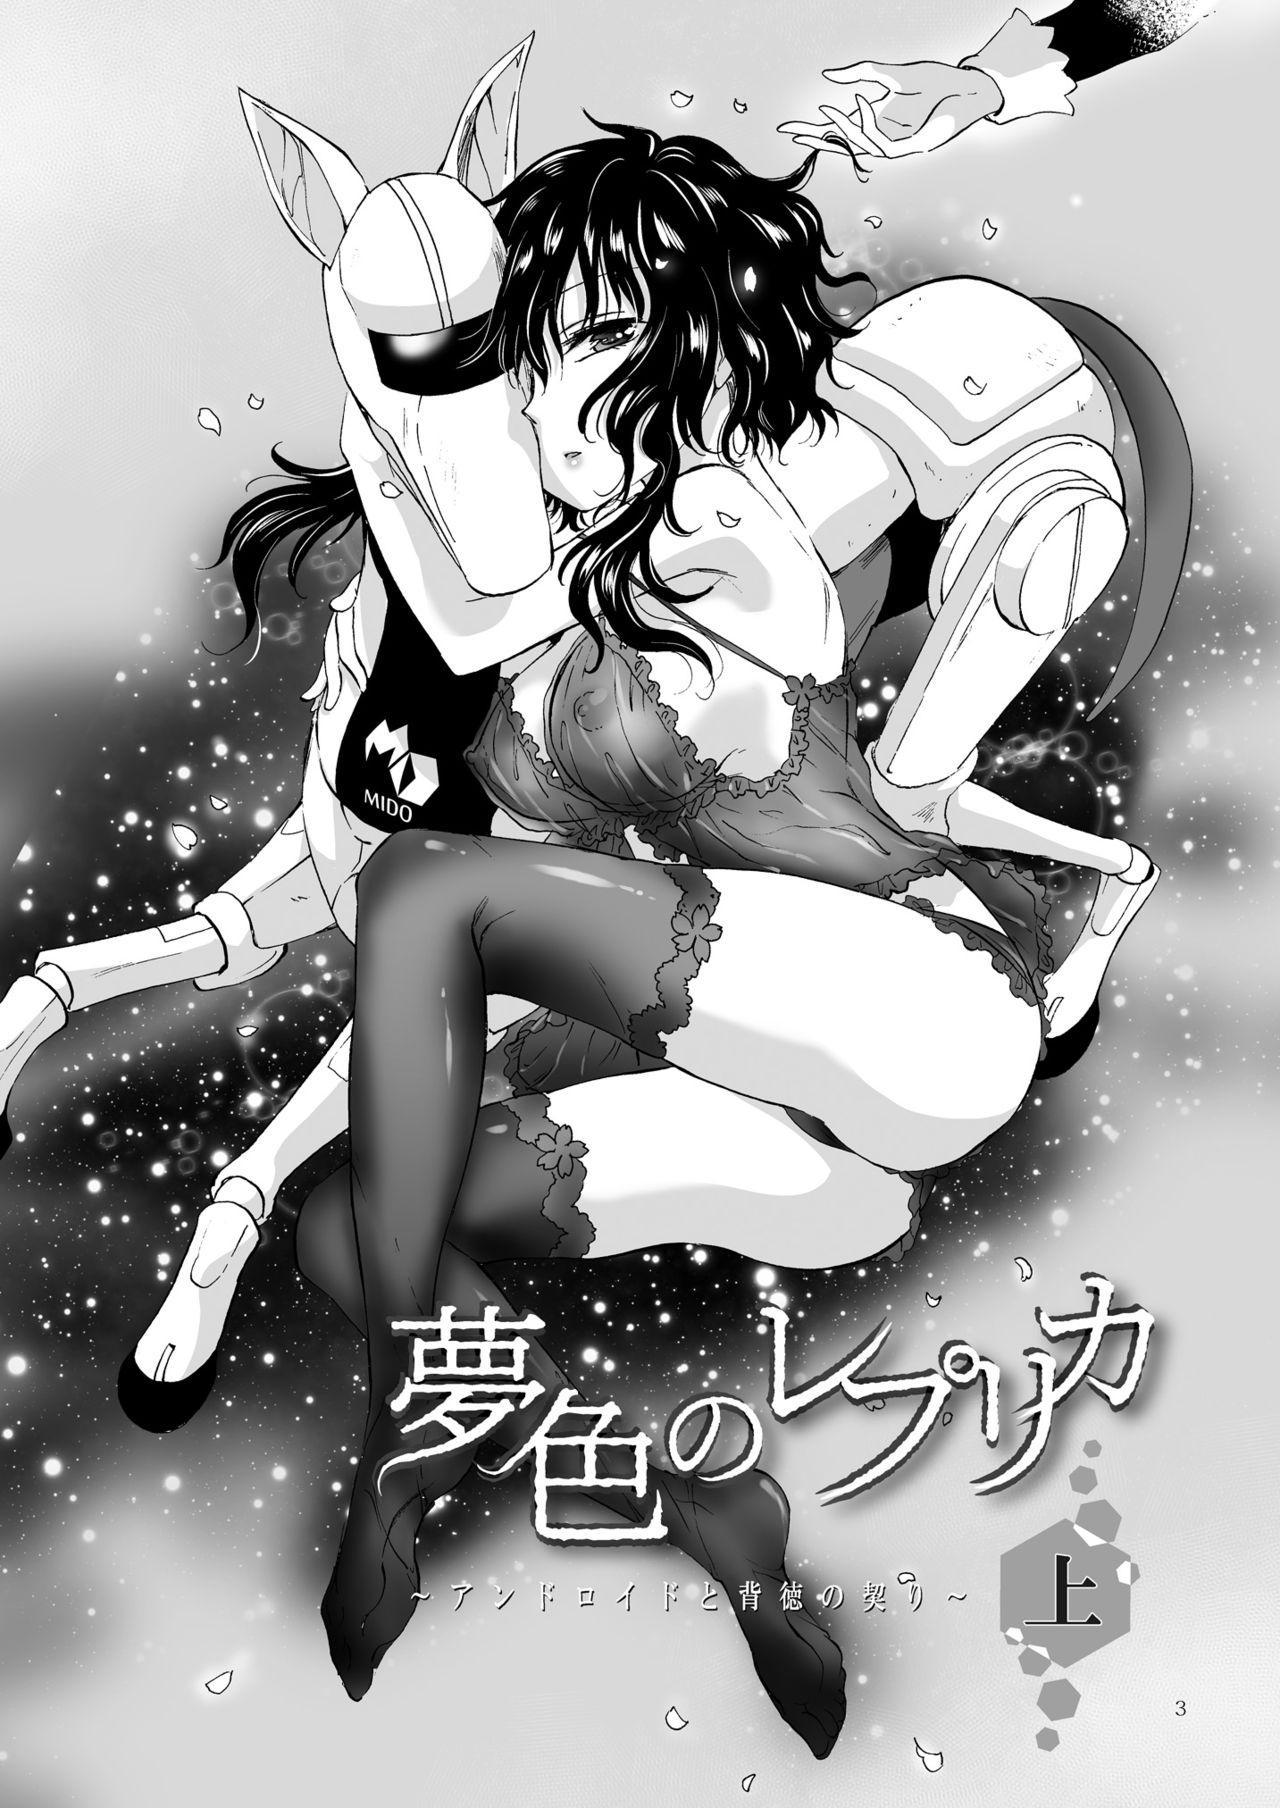 夢色のレプリカ【上】アンドロイドと背徳の契り 2